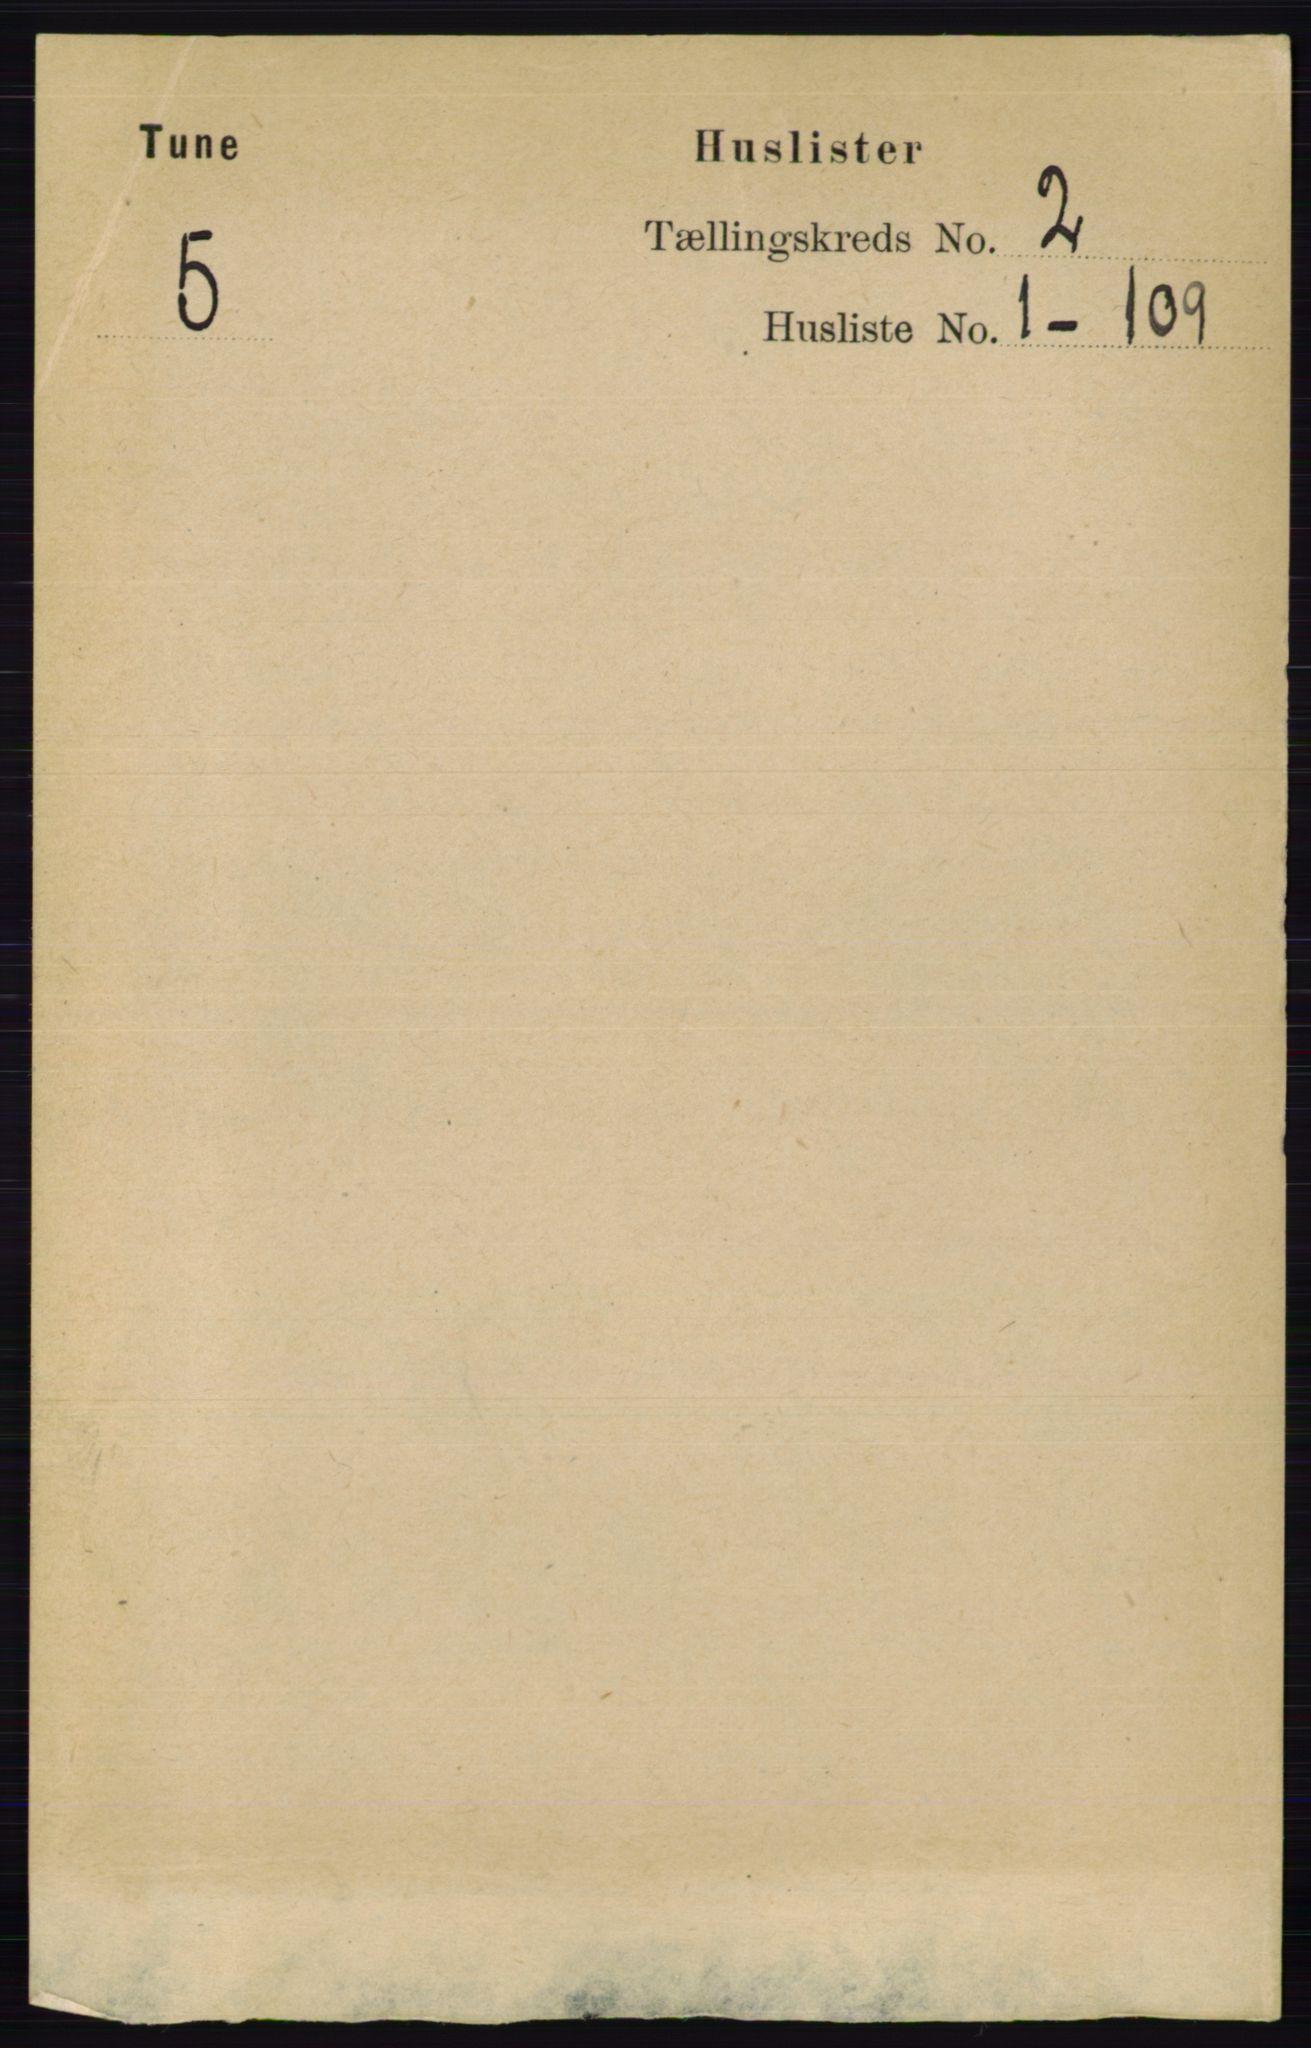 RA, Folketelling 1891 for 0130 Tune herred, 1891, s. 629